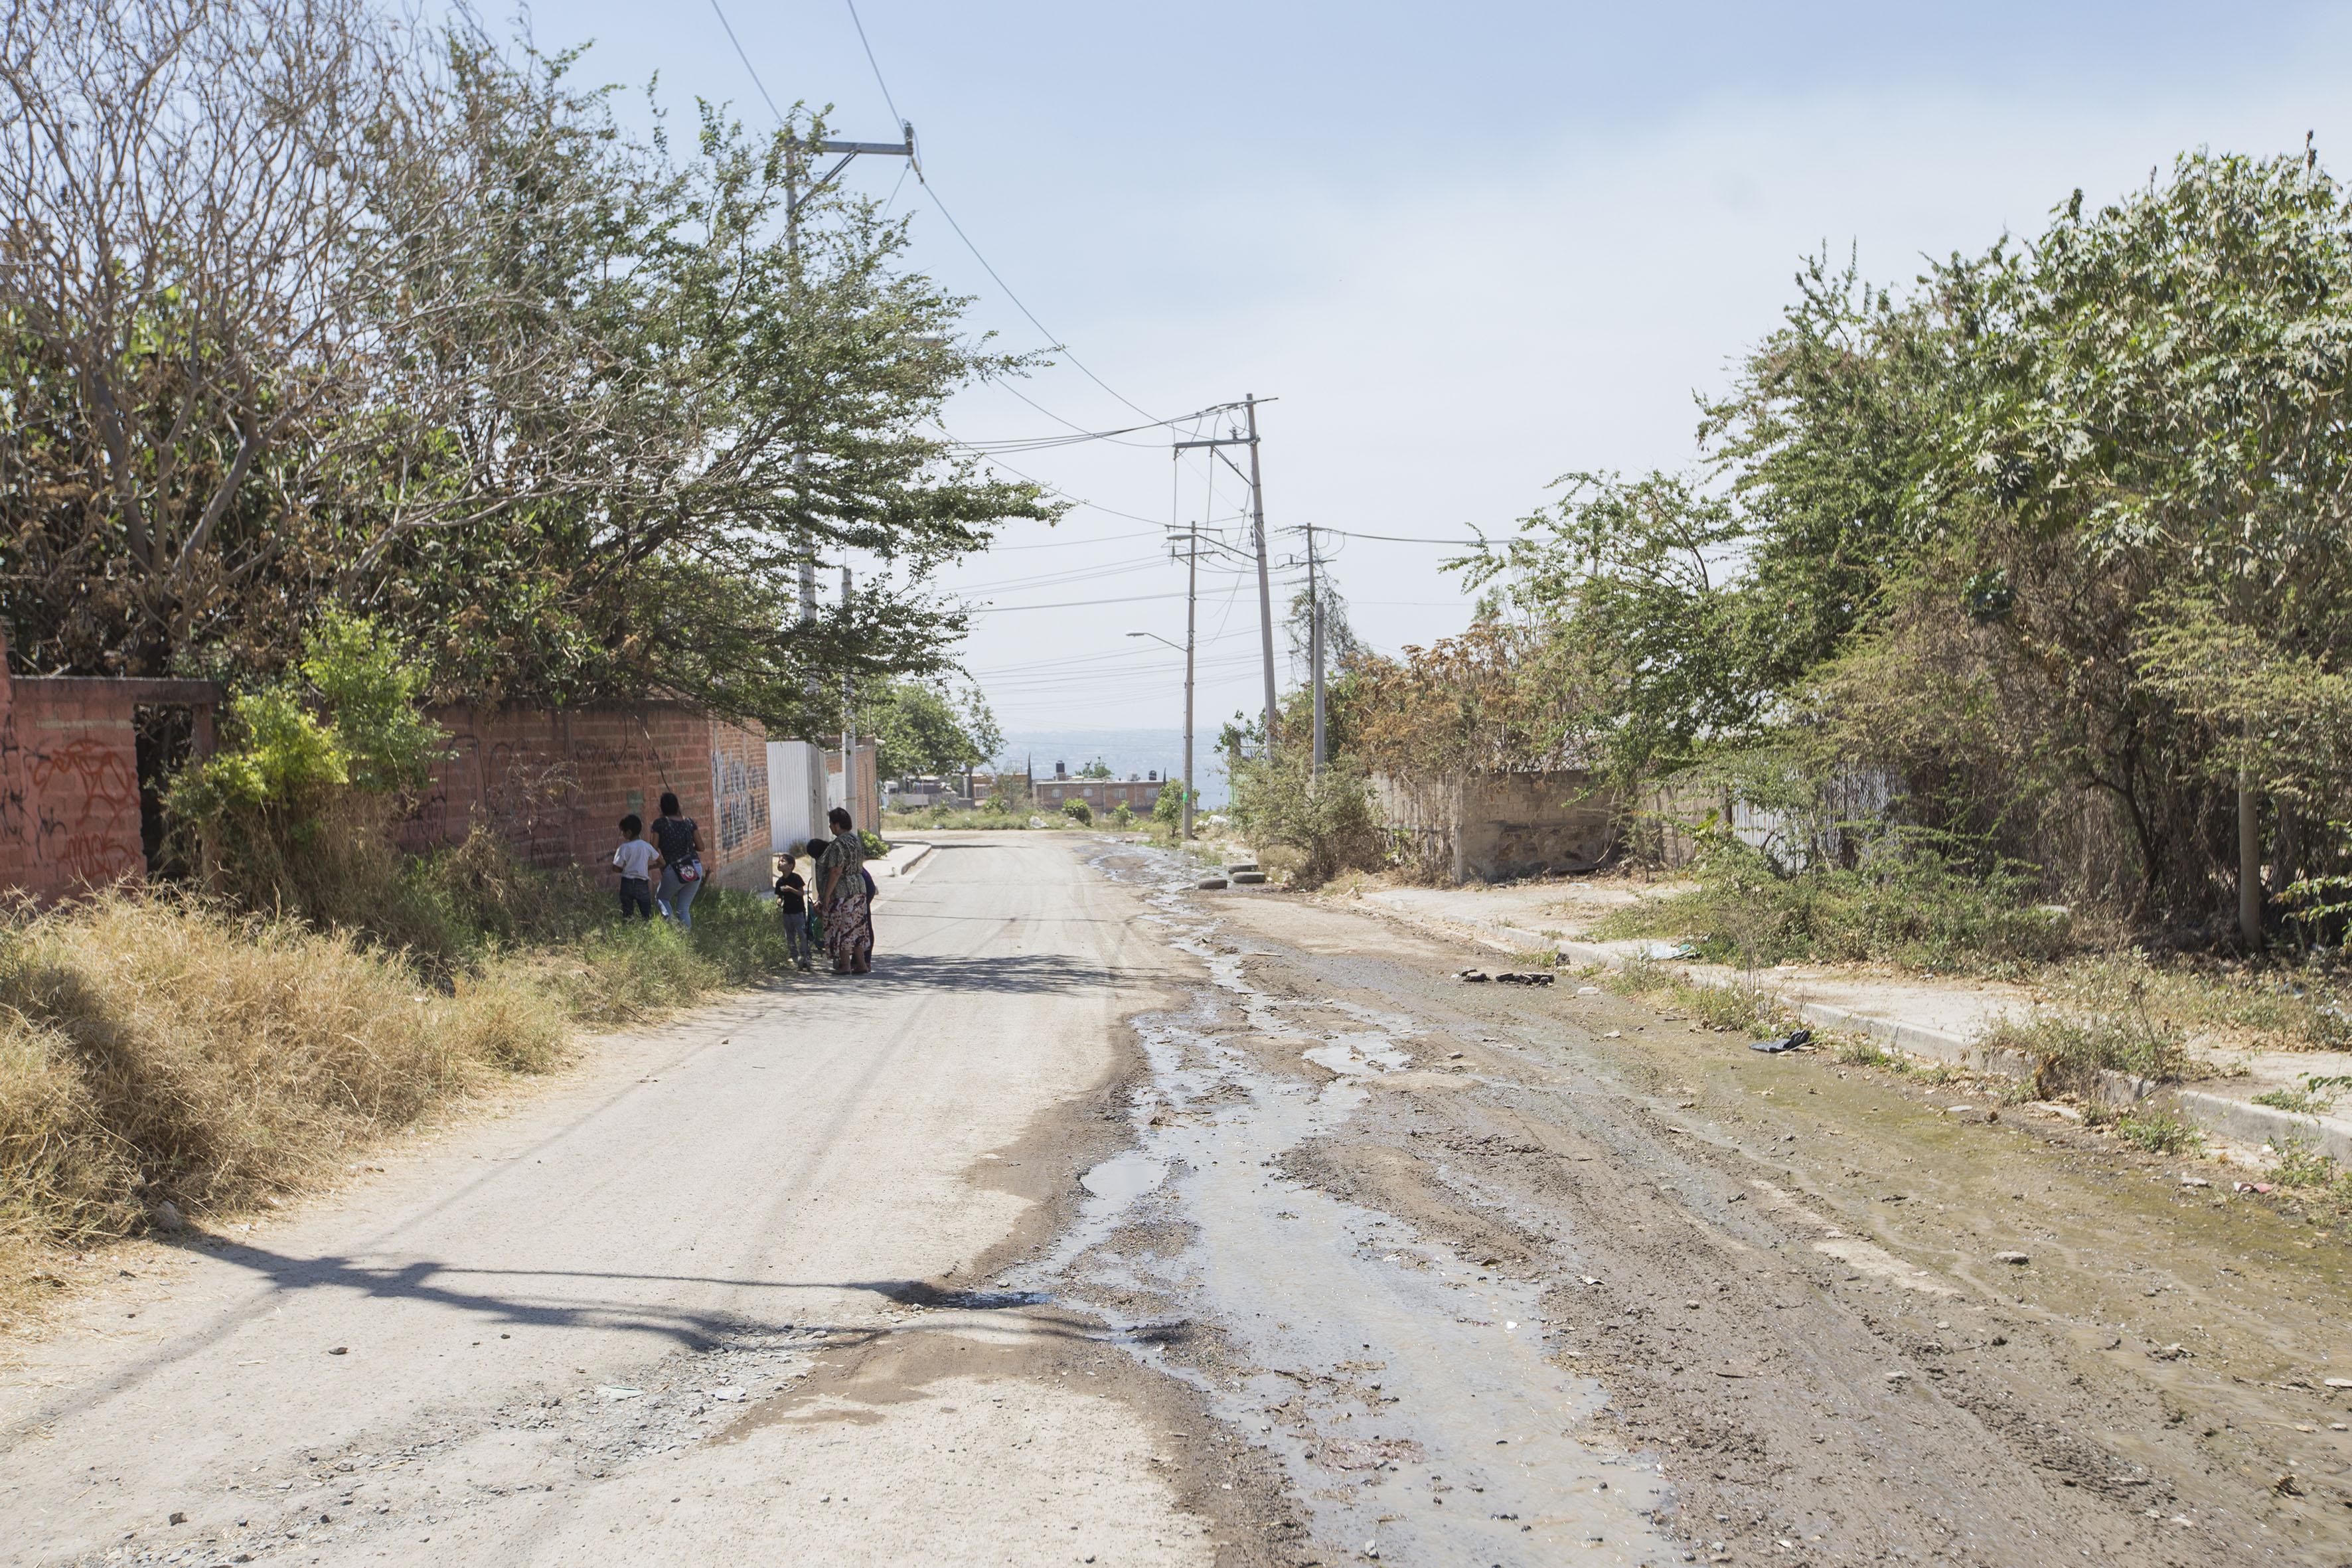 Calle de colonias marginadas de la Zona Metropolitana de Guadalajara (ZMG)